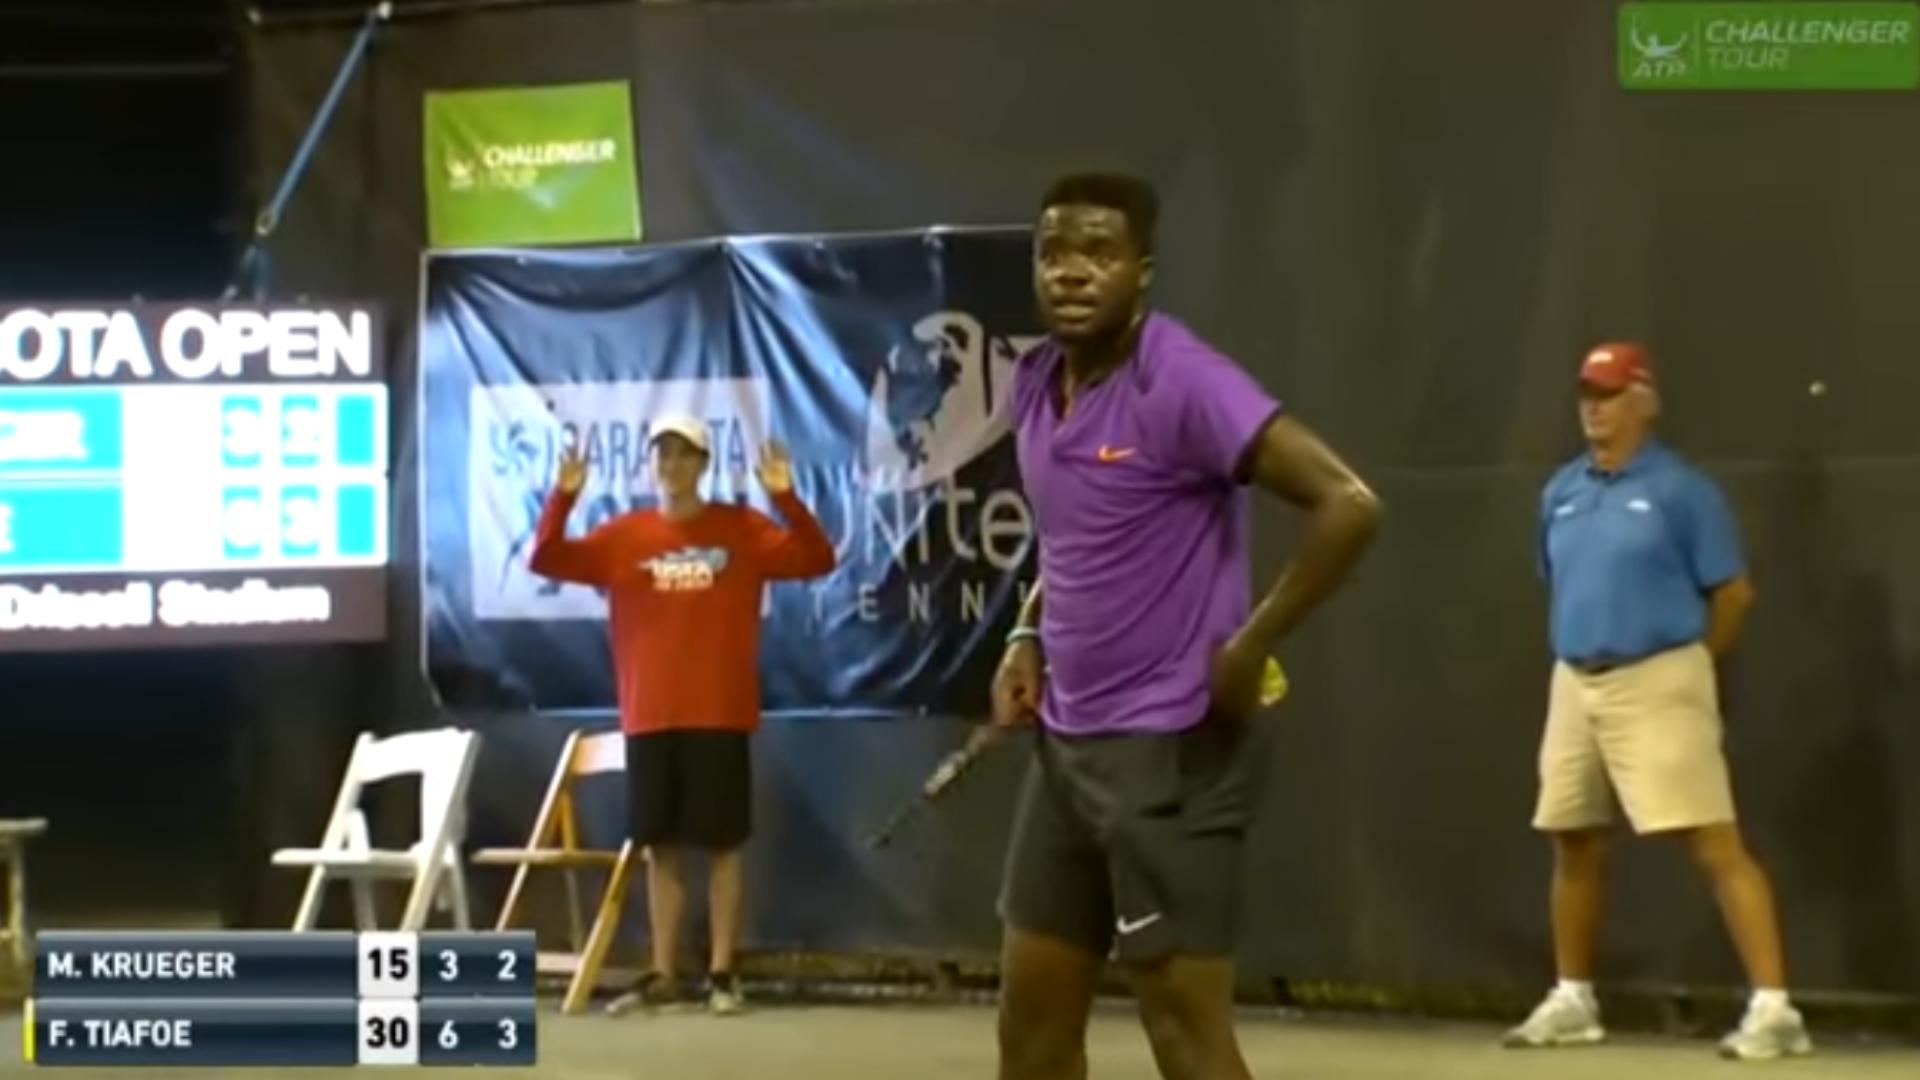 Смотреть секс на теннисе